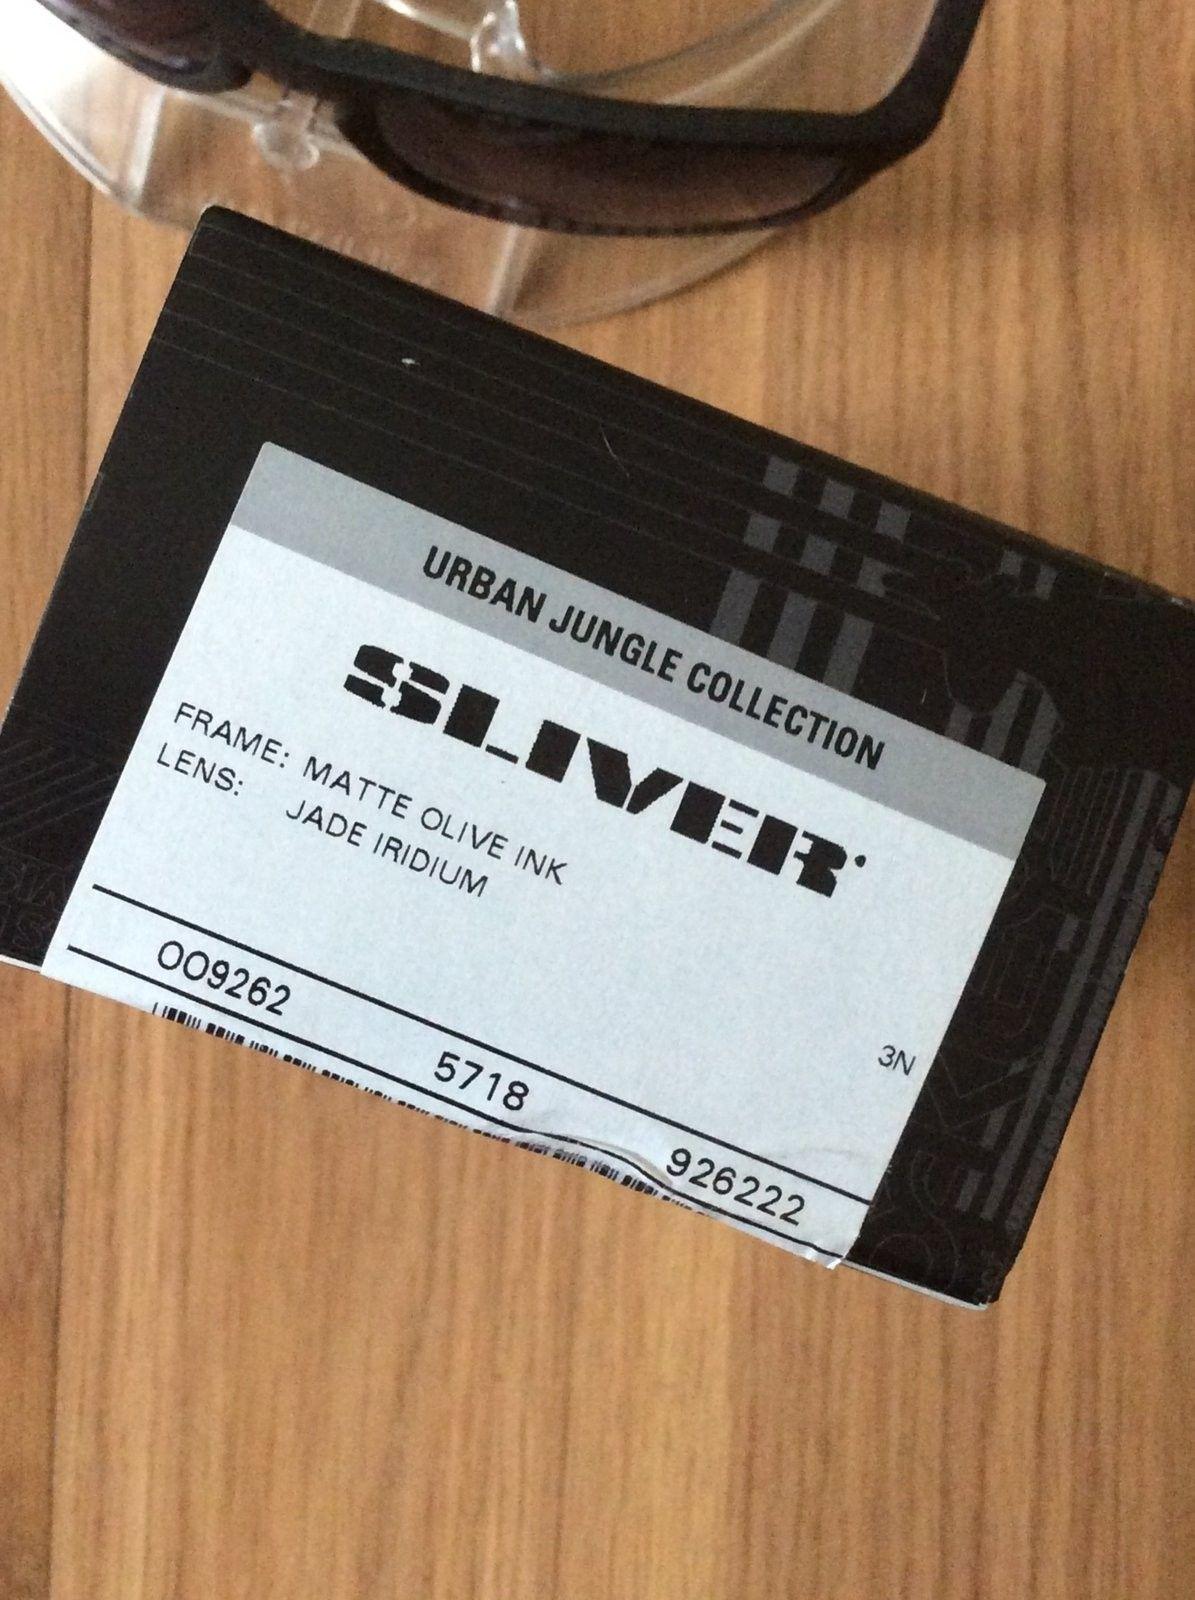 BNIB Sliver + Extra $100  Shipped - image.jpeg